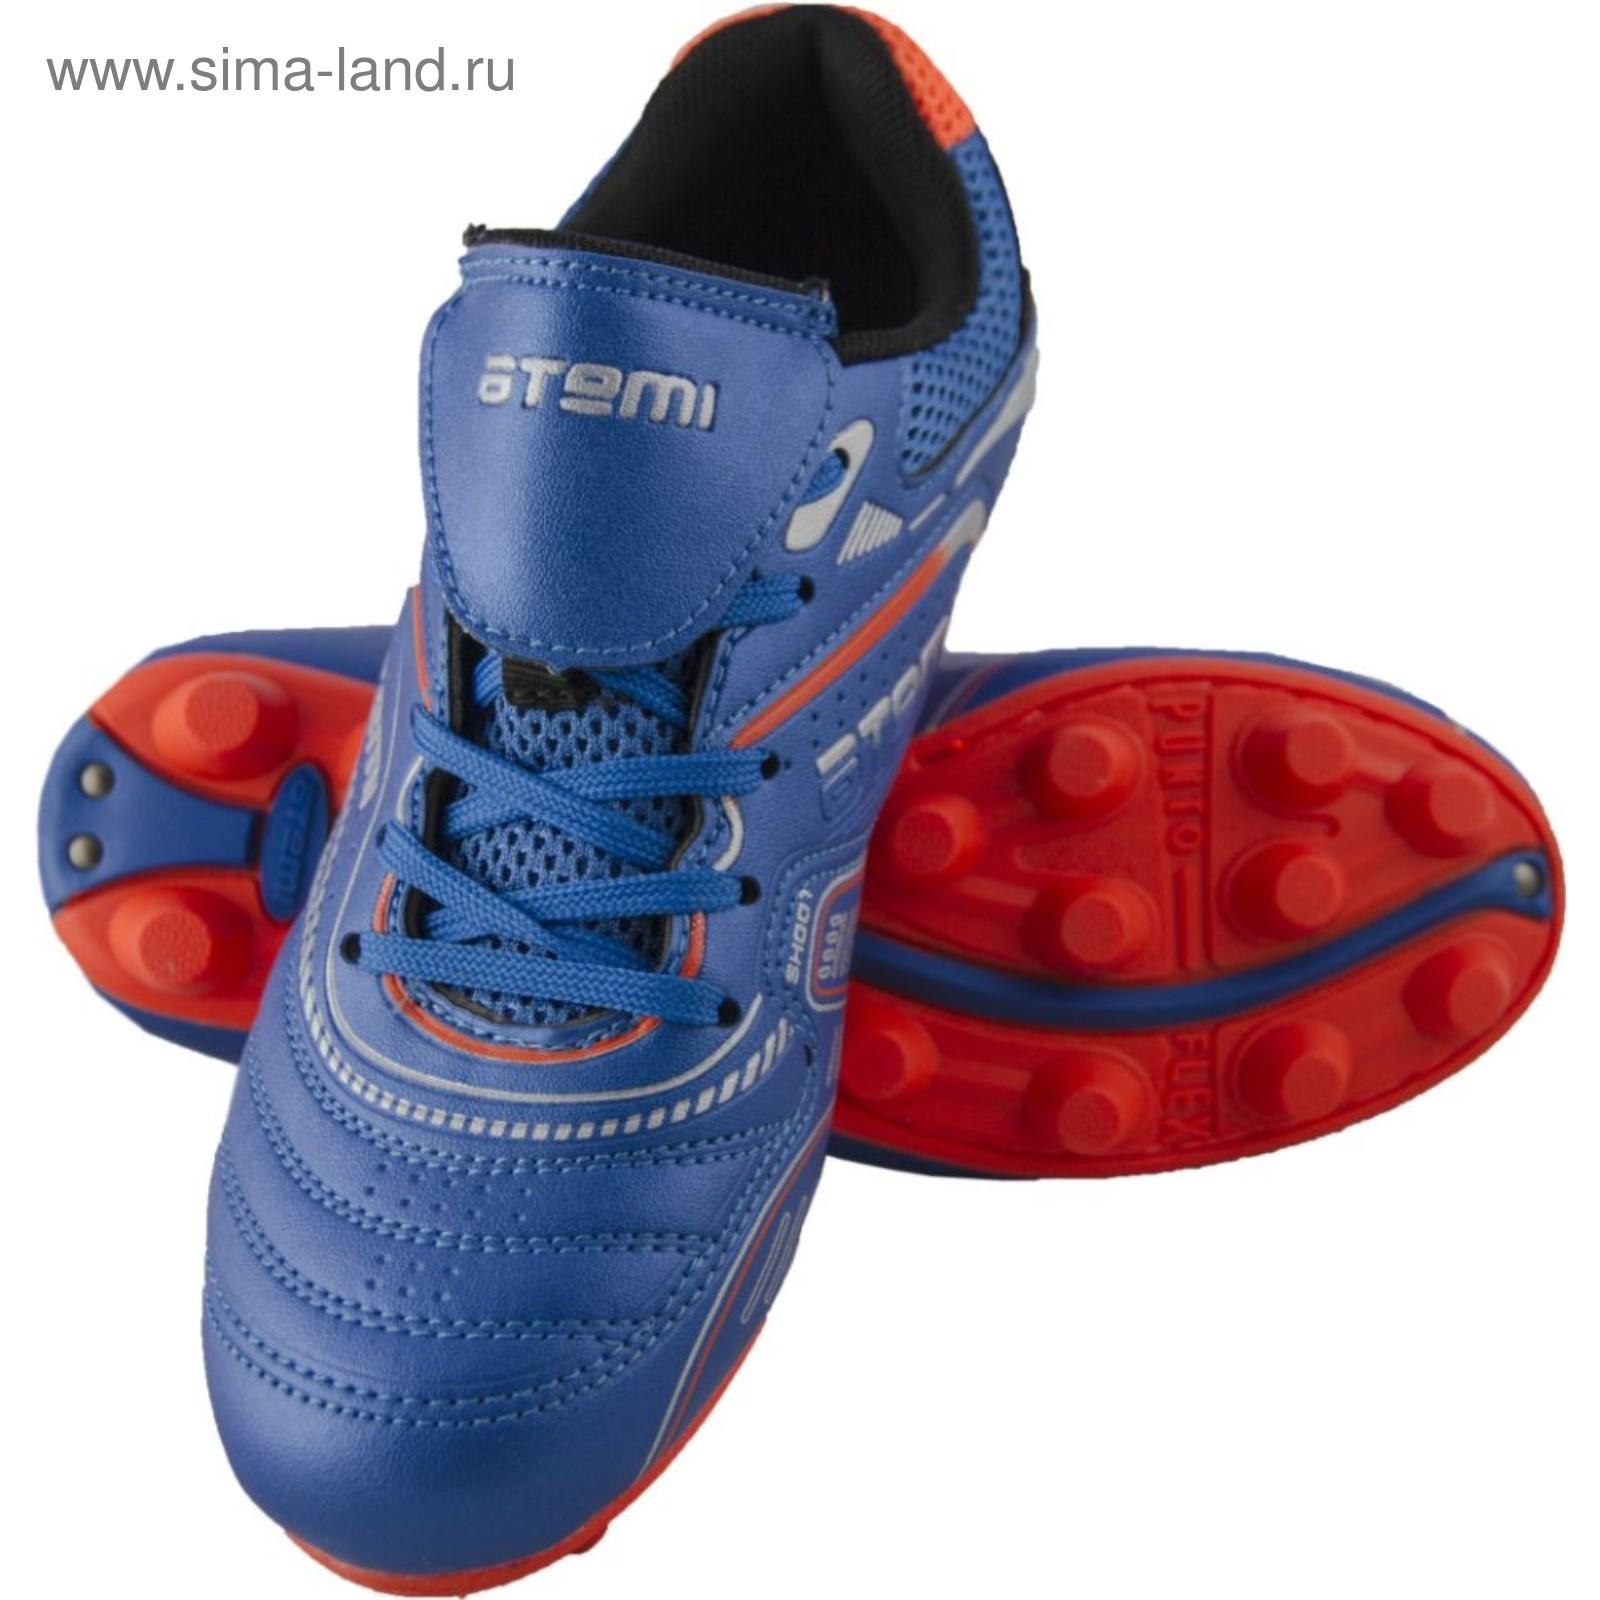 a17df534 Футбольные бутсы Atemi, цвет оранжево-голубой, синтетическая кожа, размер 37